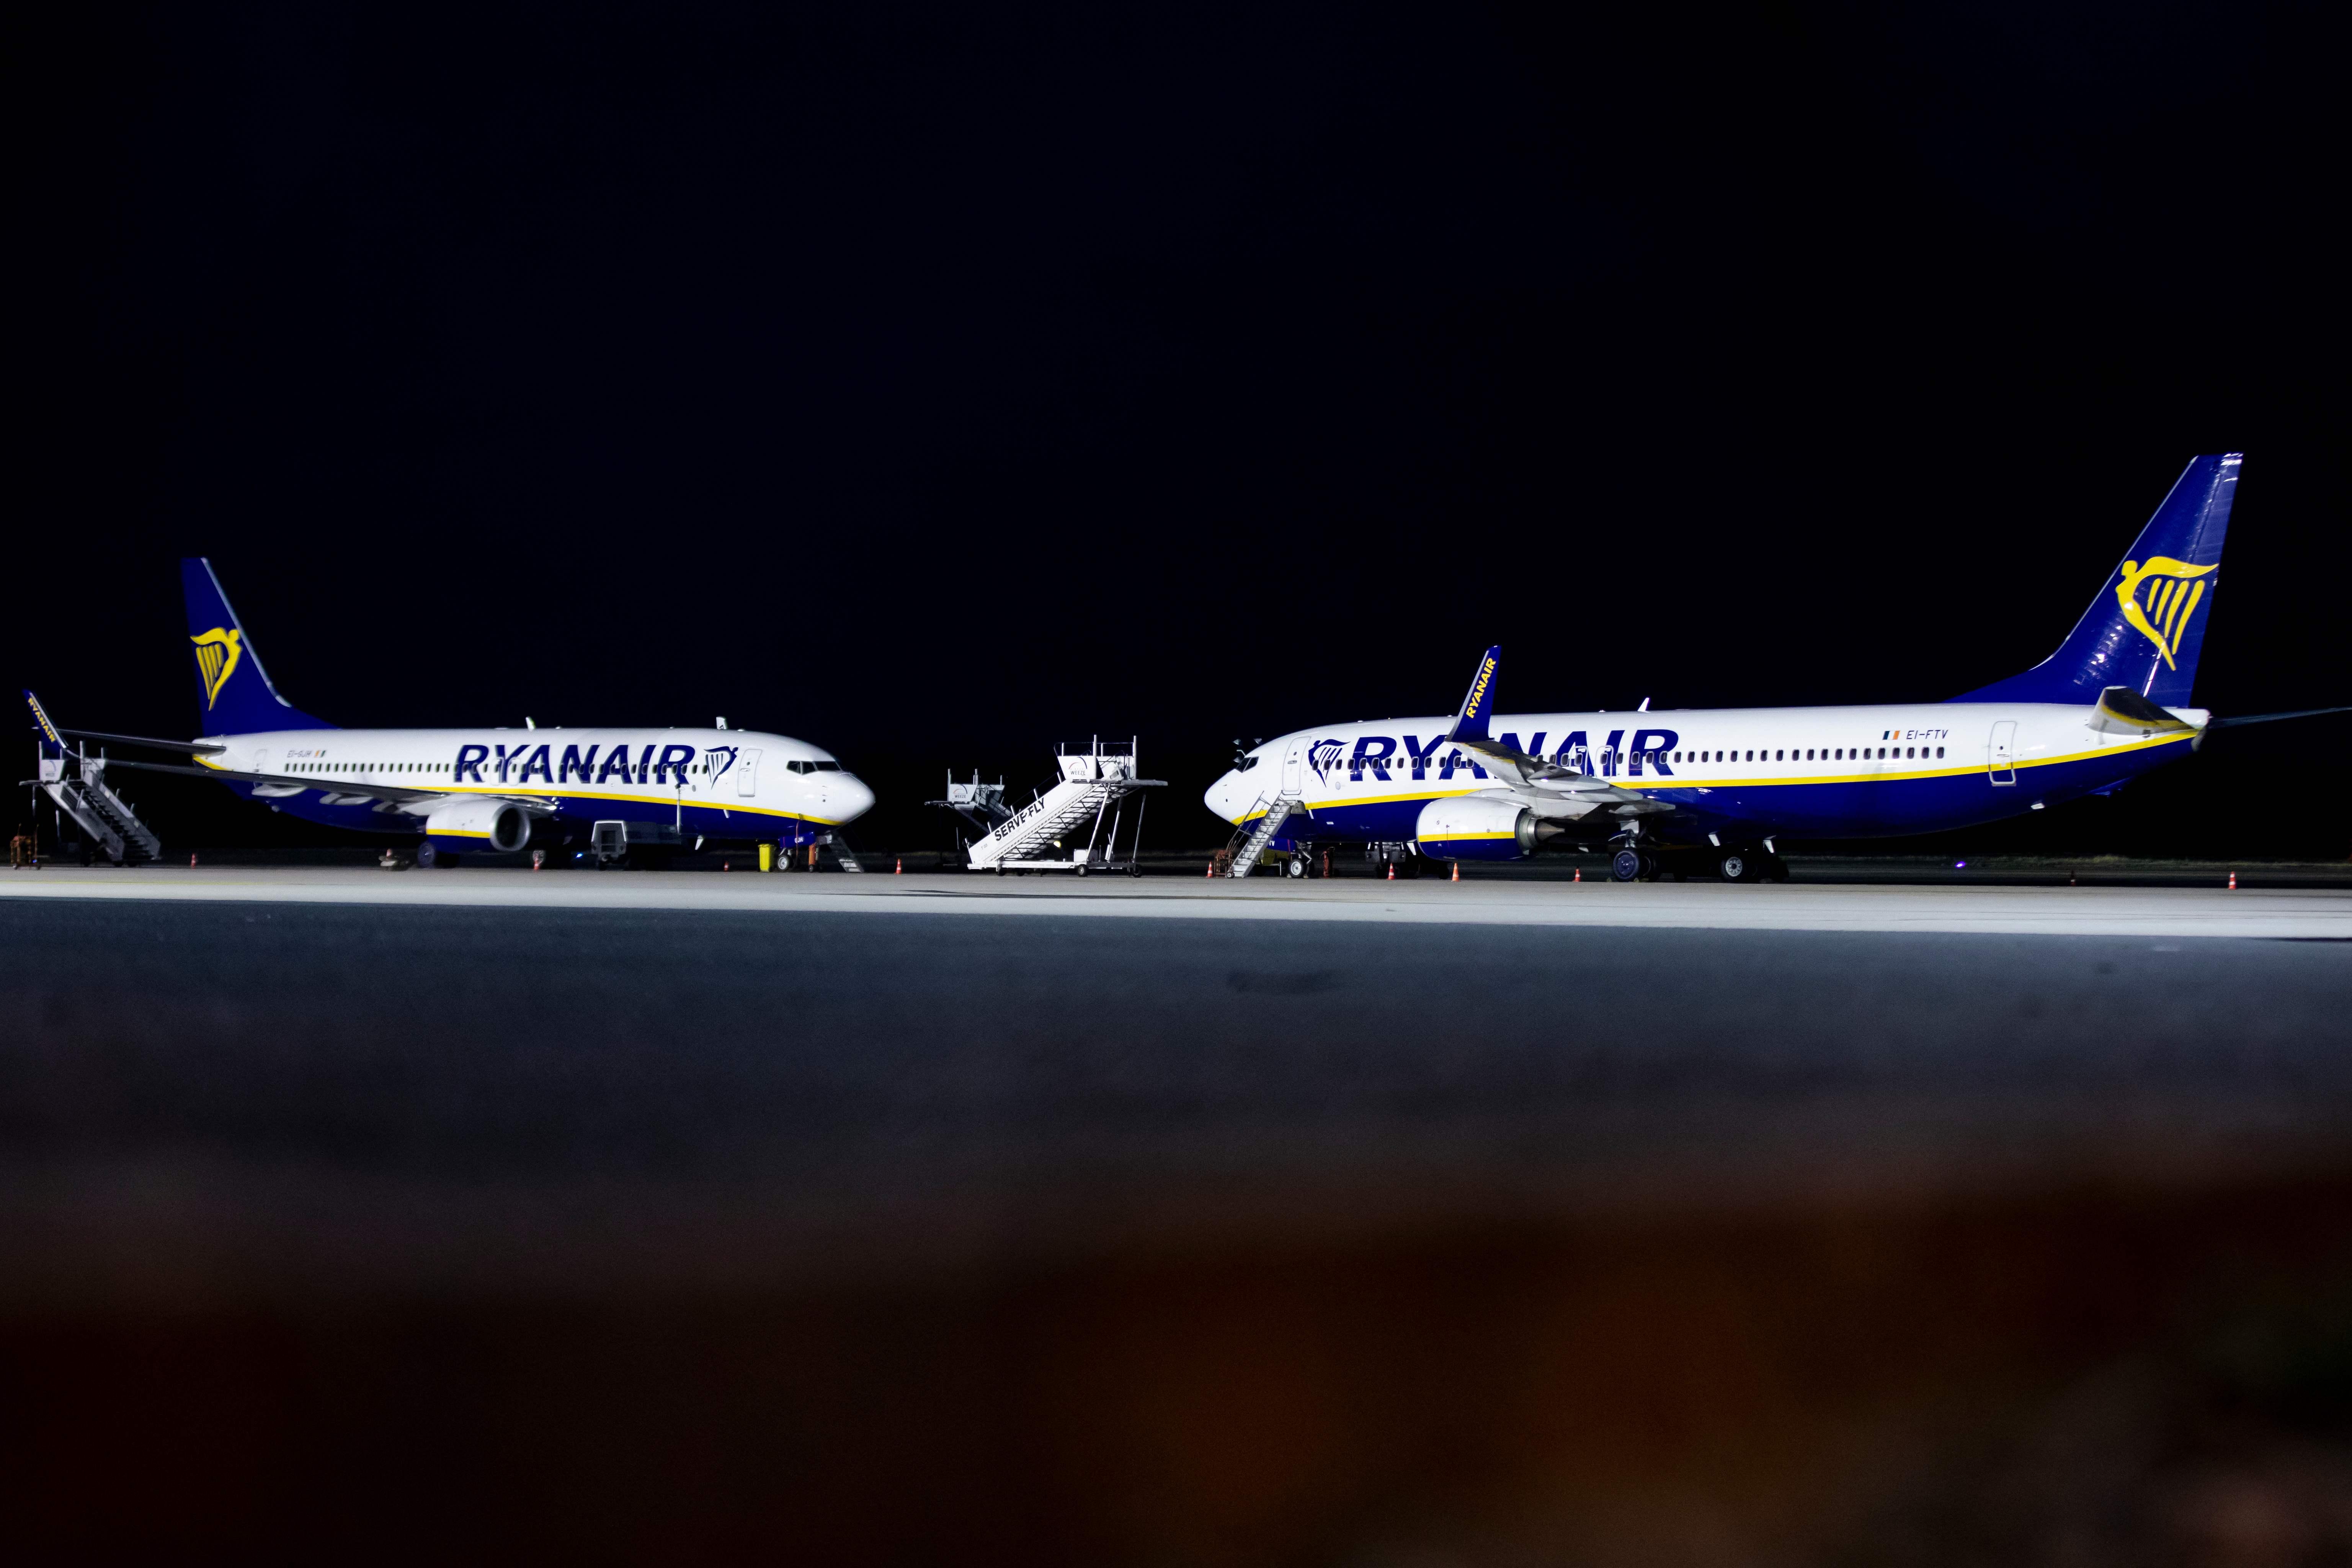 طائرات الشركة بعد الغاء رحلاتها